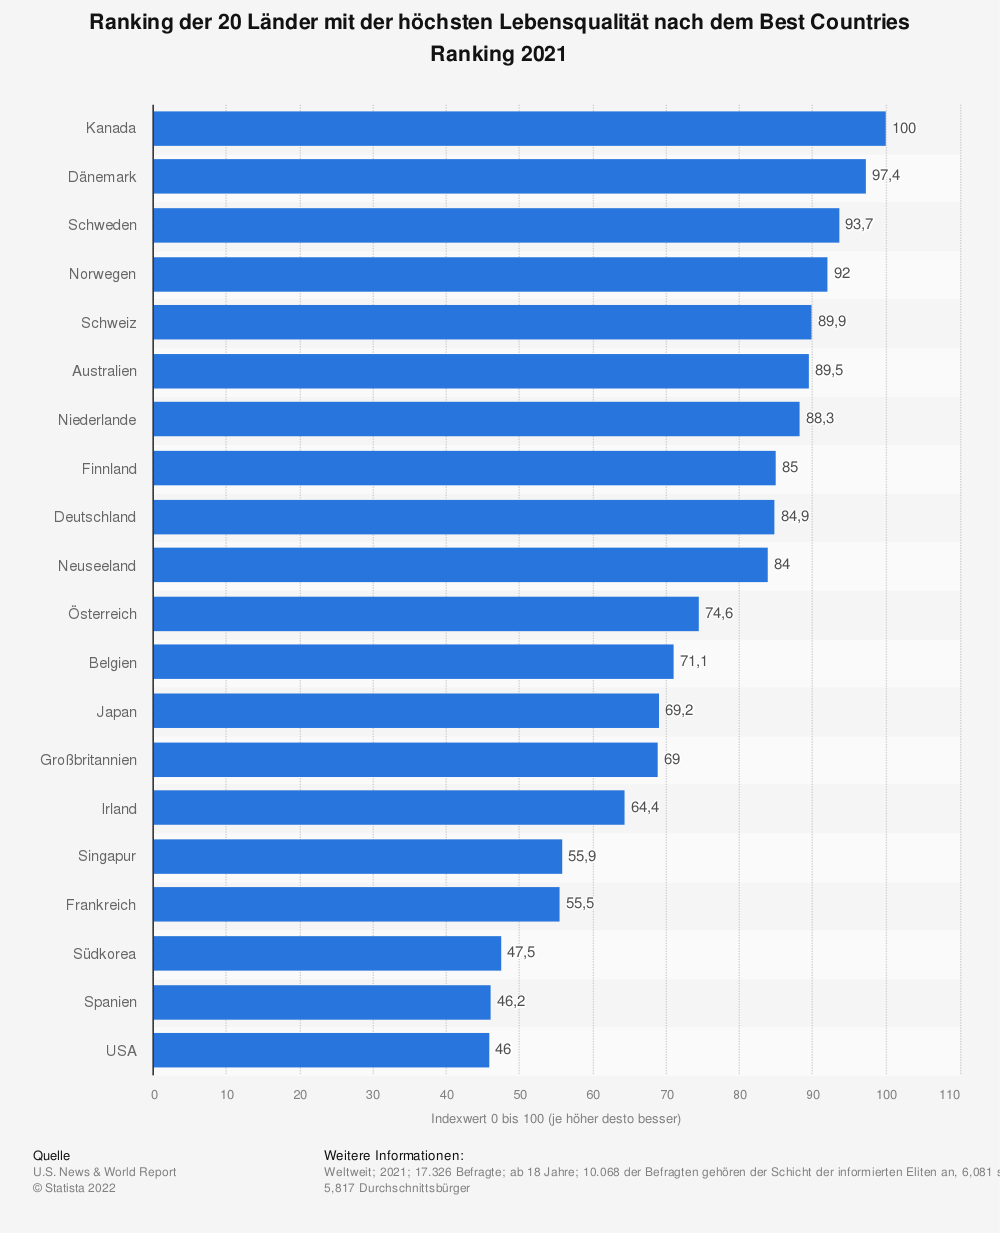 Statistik: Ranking der 20 Länder mit der höchsten Lebensqualität nach dem Best Countries Ranking 2019 | Statista